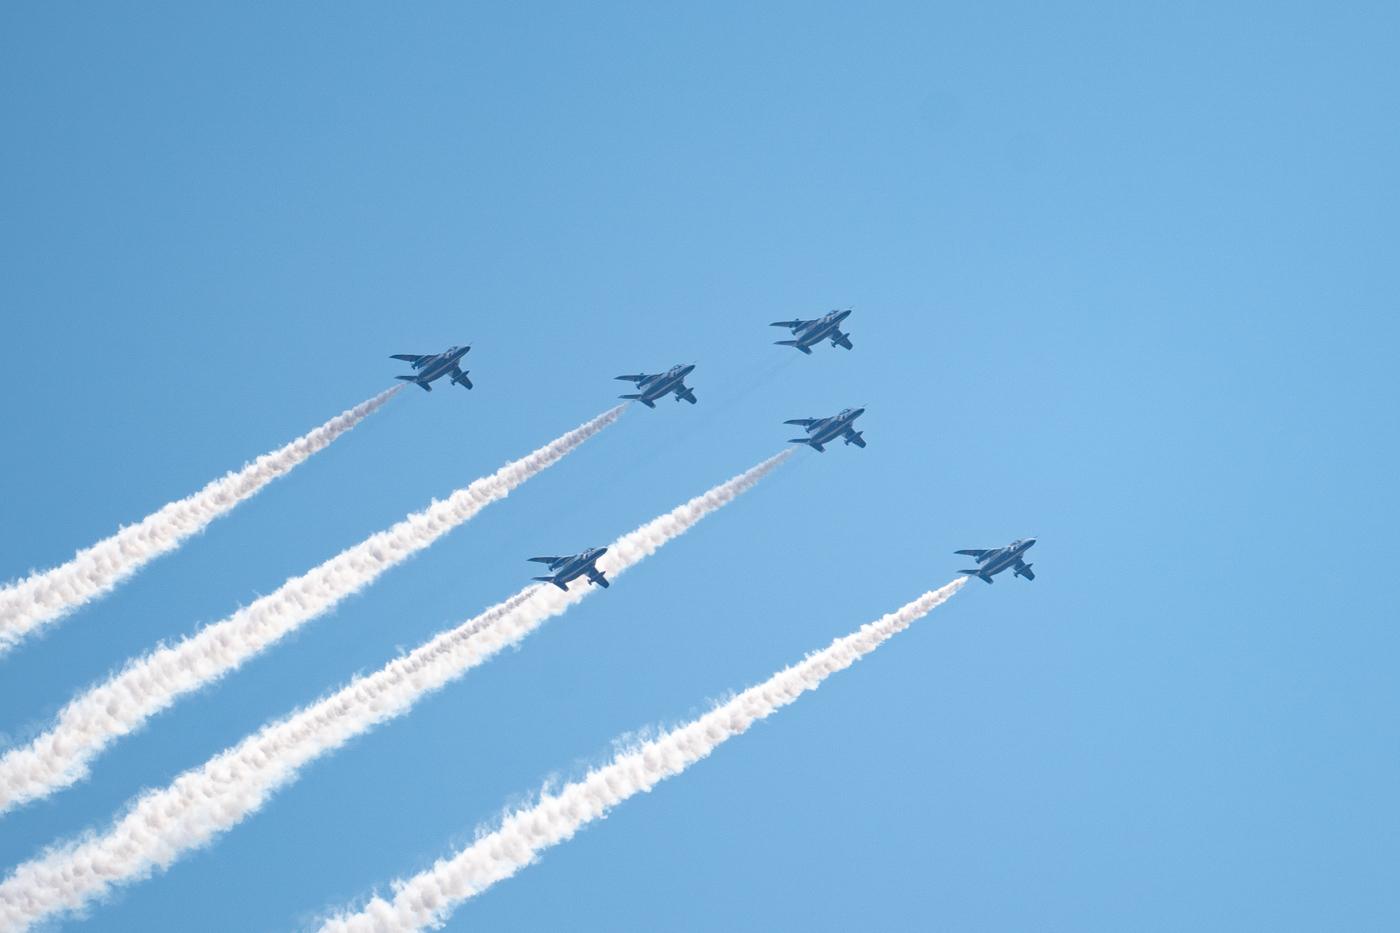 ブルーインパルス感謝飛行を撮ったっ!